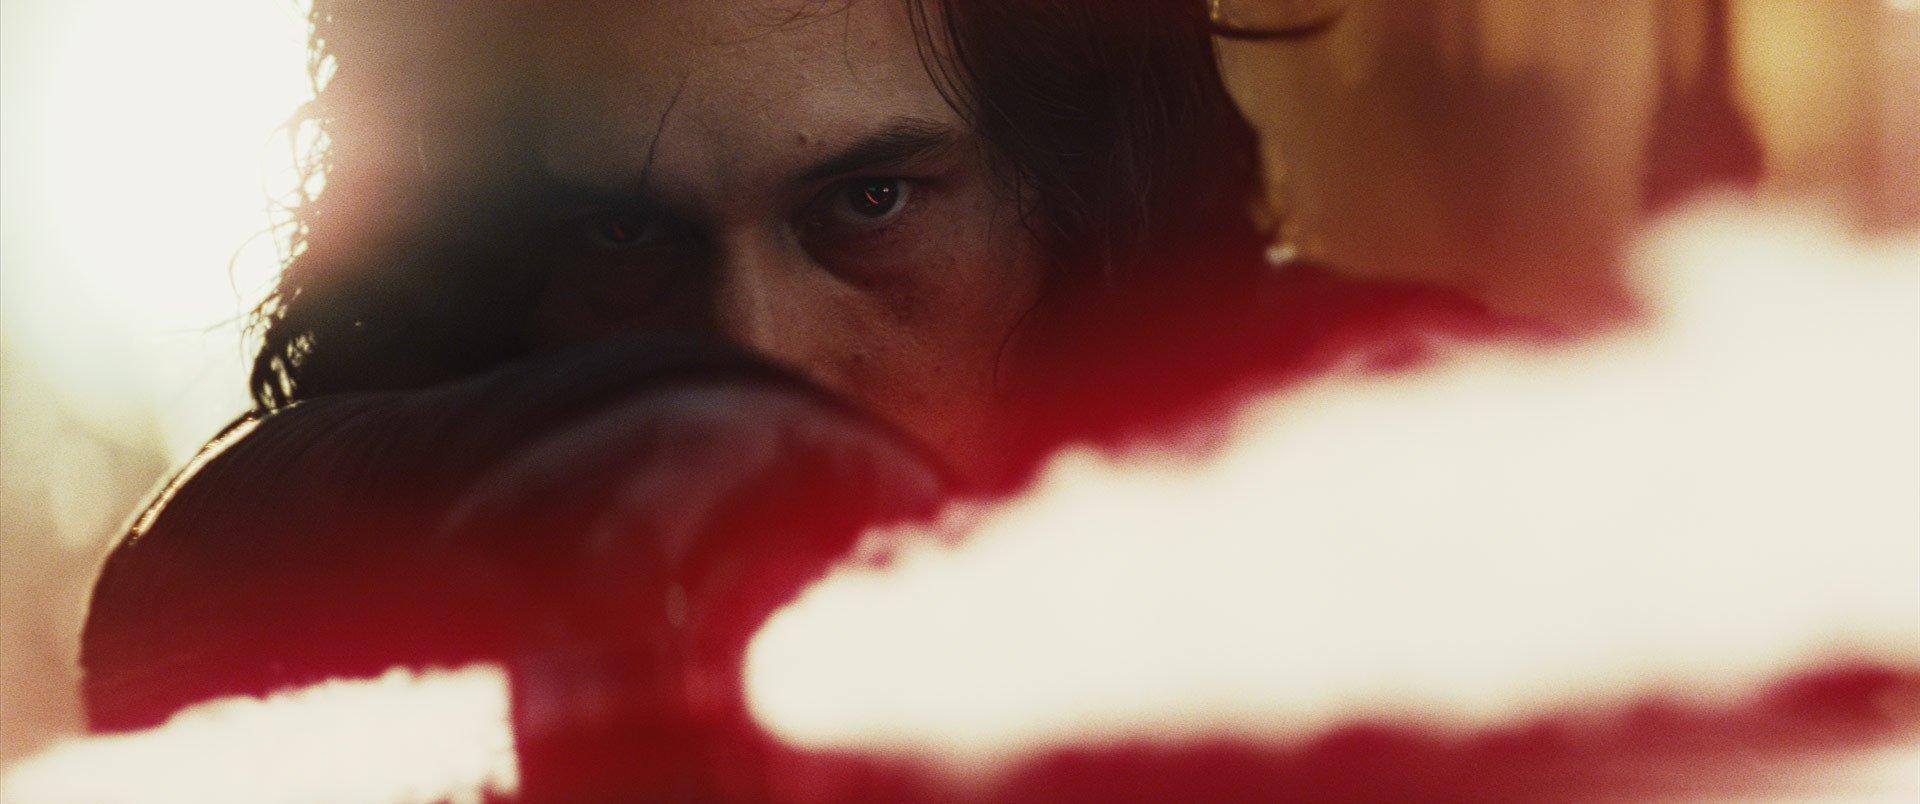 Photo du film Star Wars: Les Derniers Jedi avec Kylo Ren et son sabre-laser